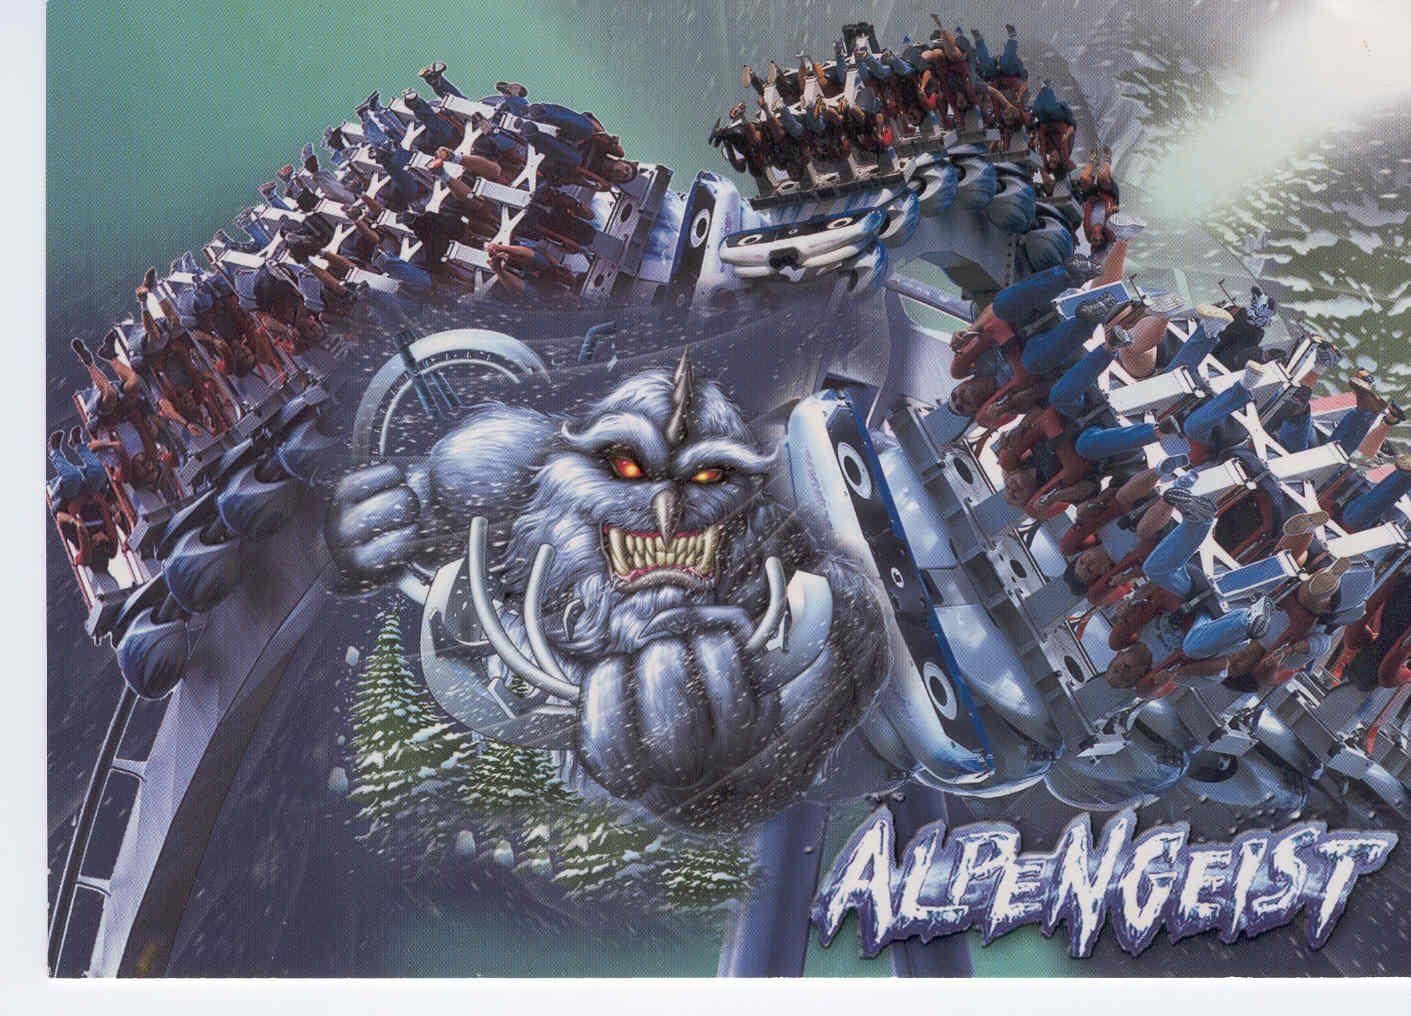 Alpengeist Busch Gardens Williamsburg VA Interesting